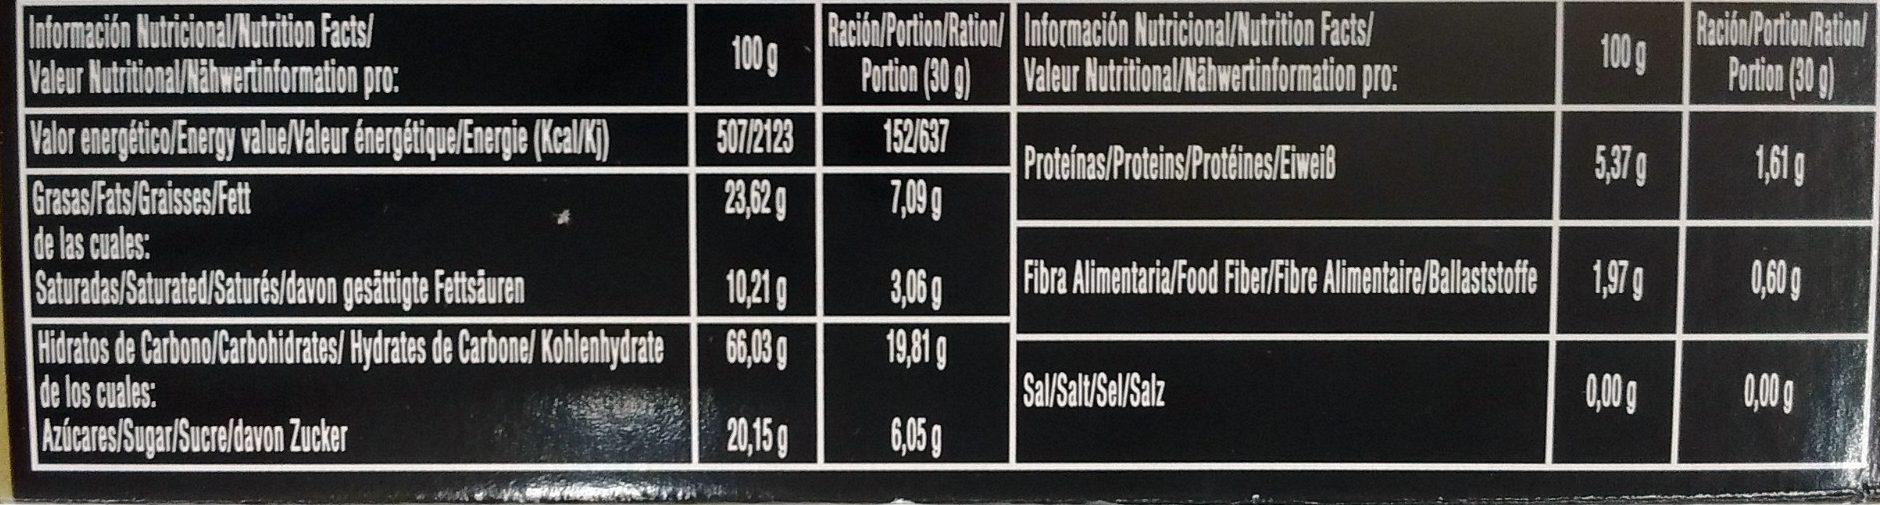 Surtido de Polvorones Dulce Tradicion - Nutrition facts - fr